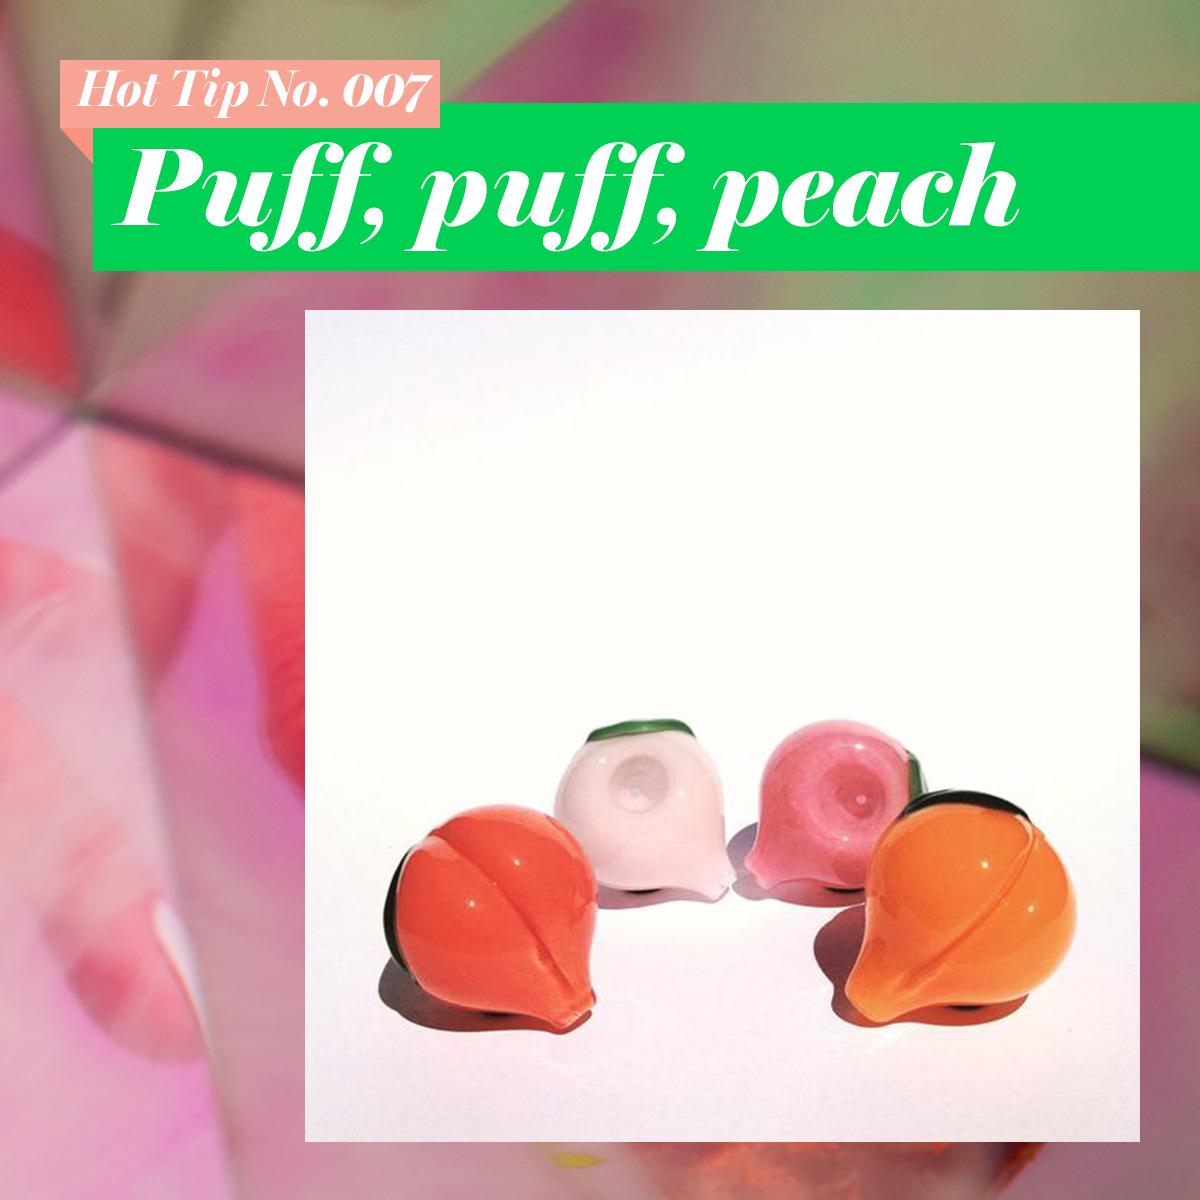 007_Peach.jpg